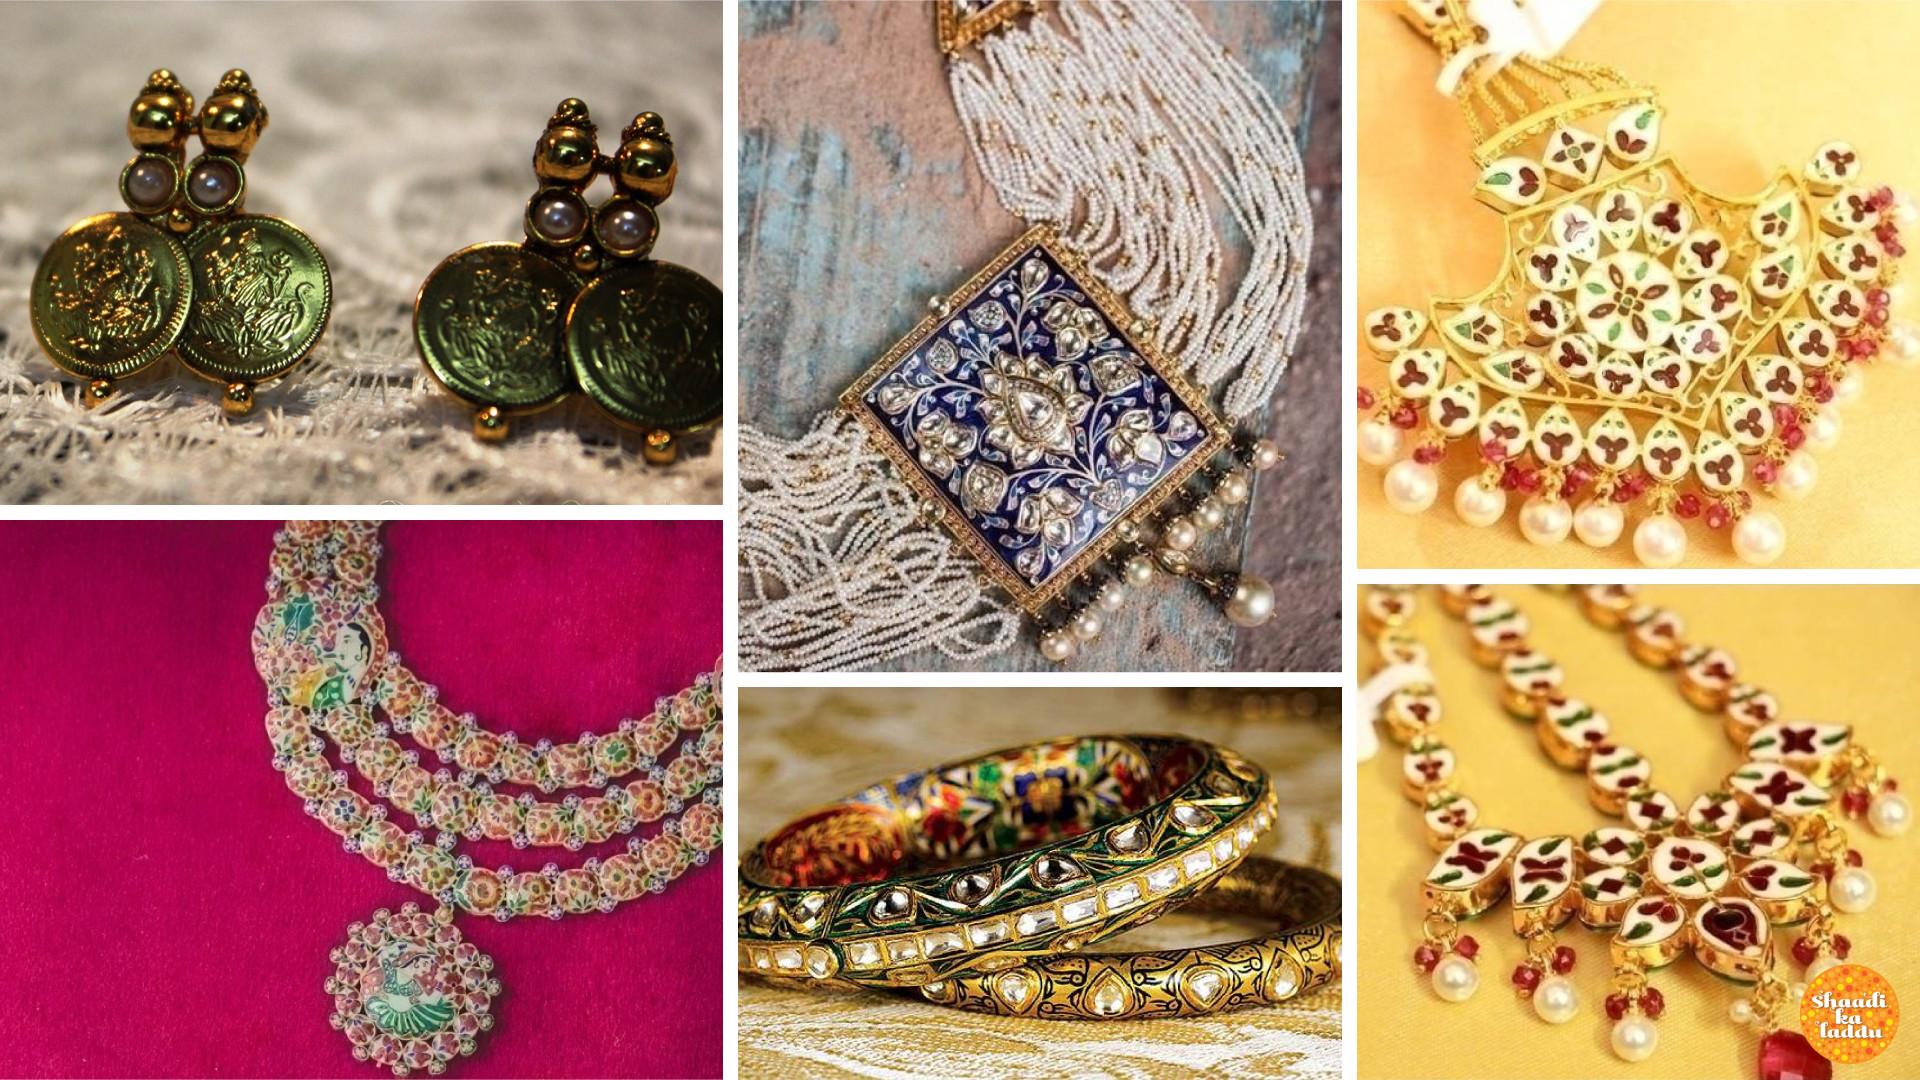 Meenakari art of Jaipur, meenakari bangles, pendant studded neckpiece